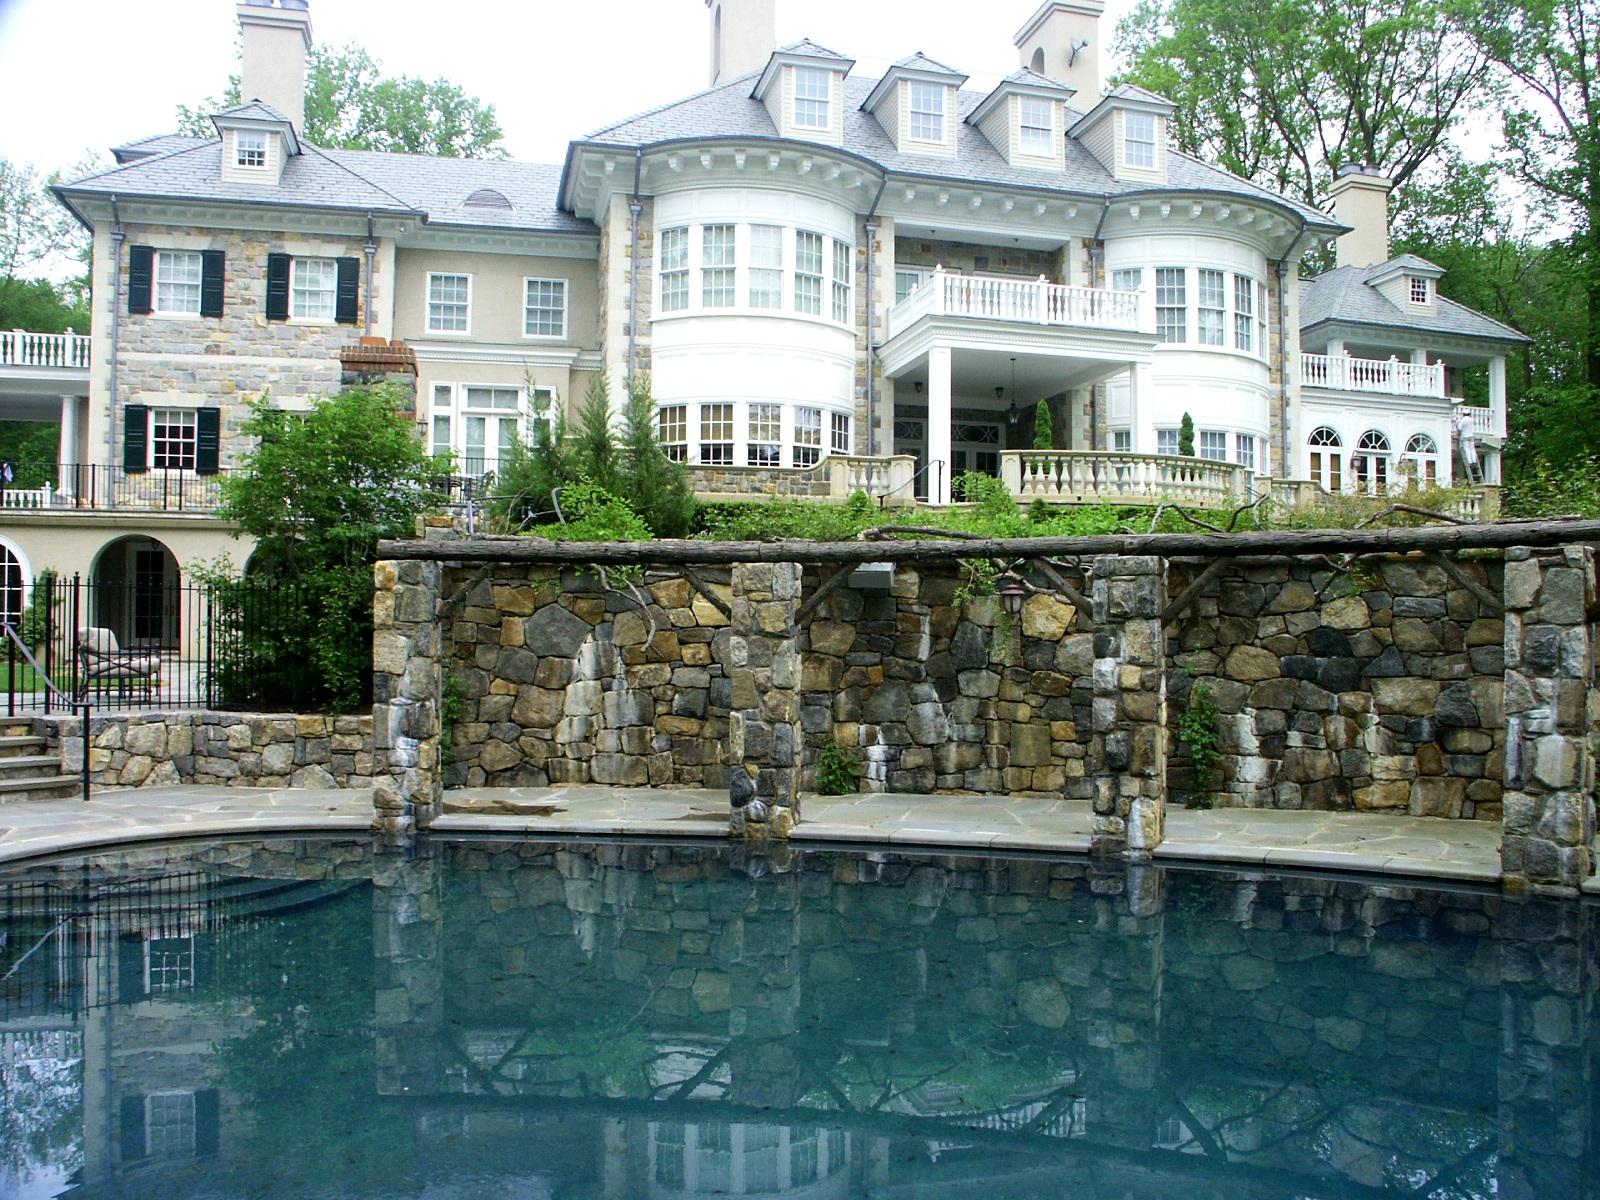 pool and pergola.jpg